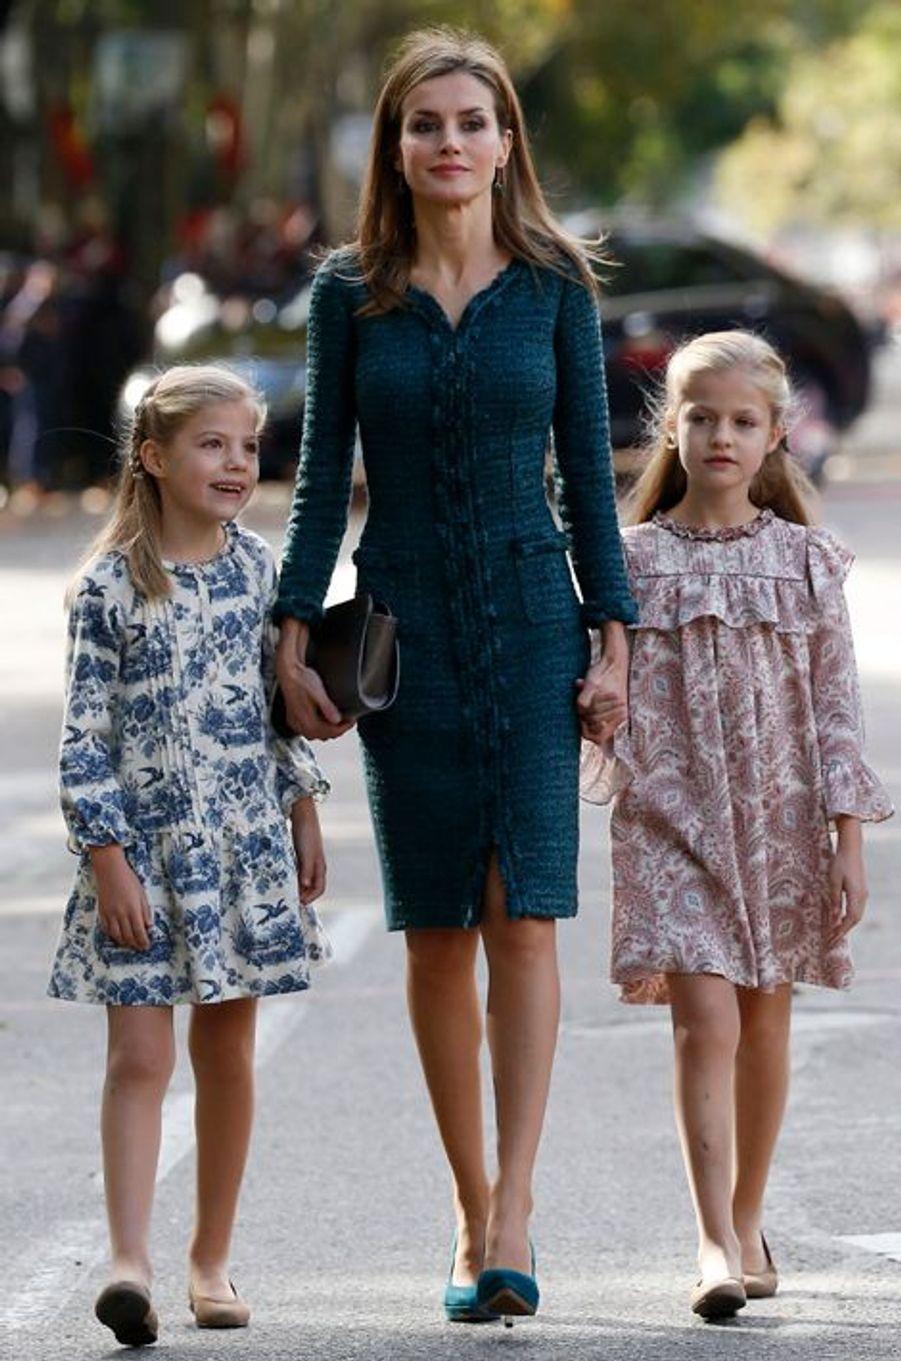 La reine Letizia d'Espagne et les princesses Leonor et Sofia (de droite à gauche), le 12 octobre 2014